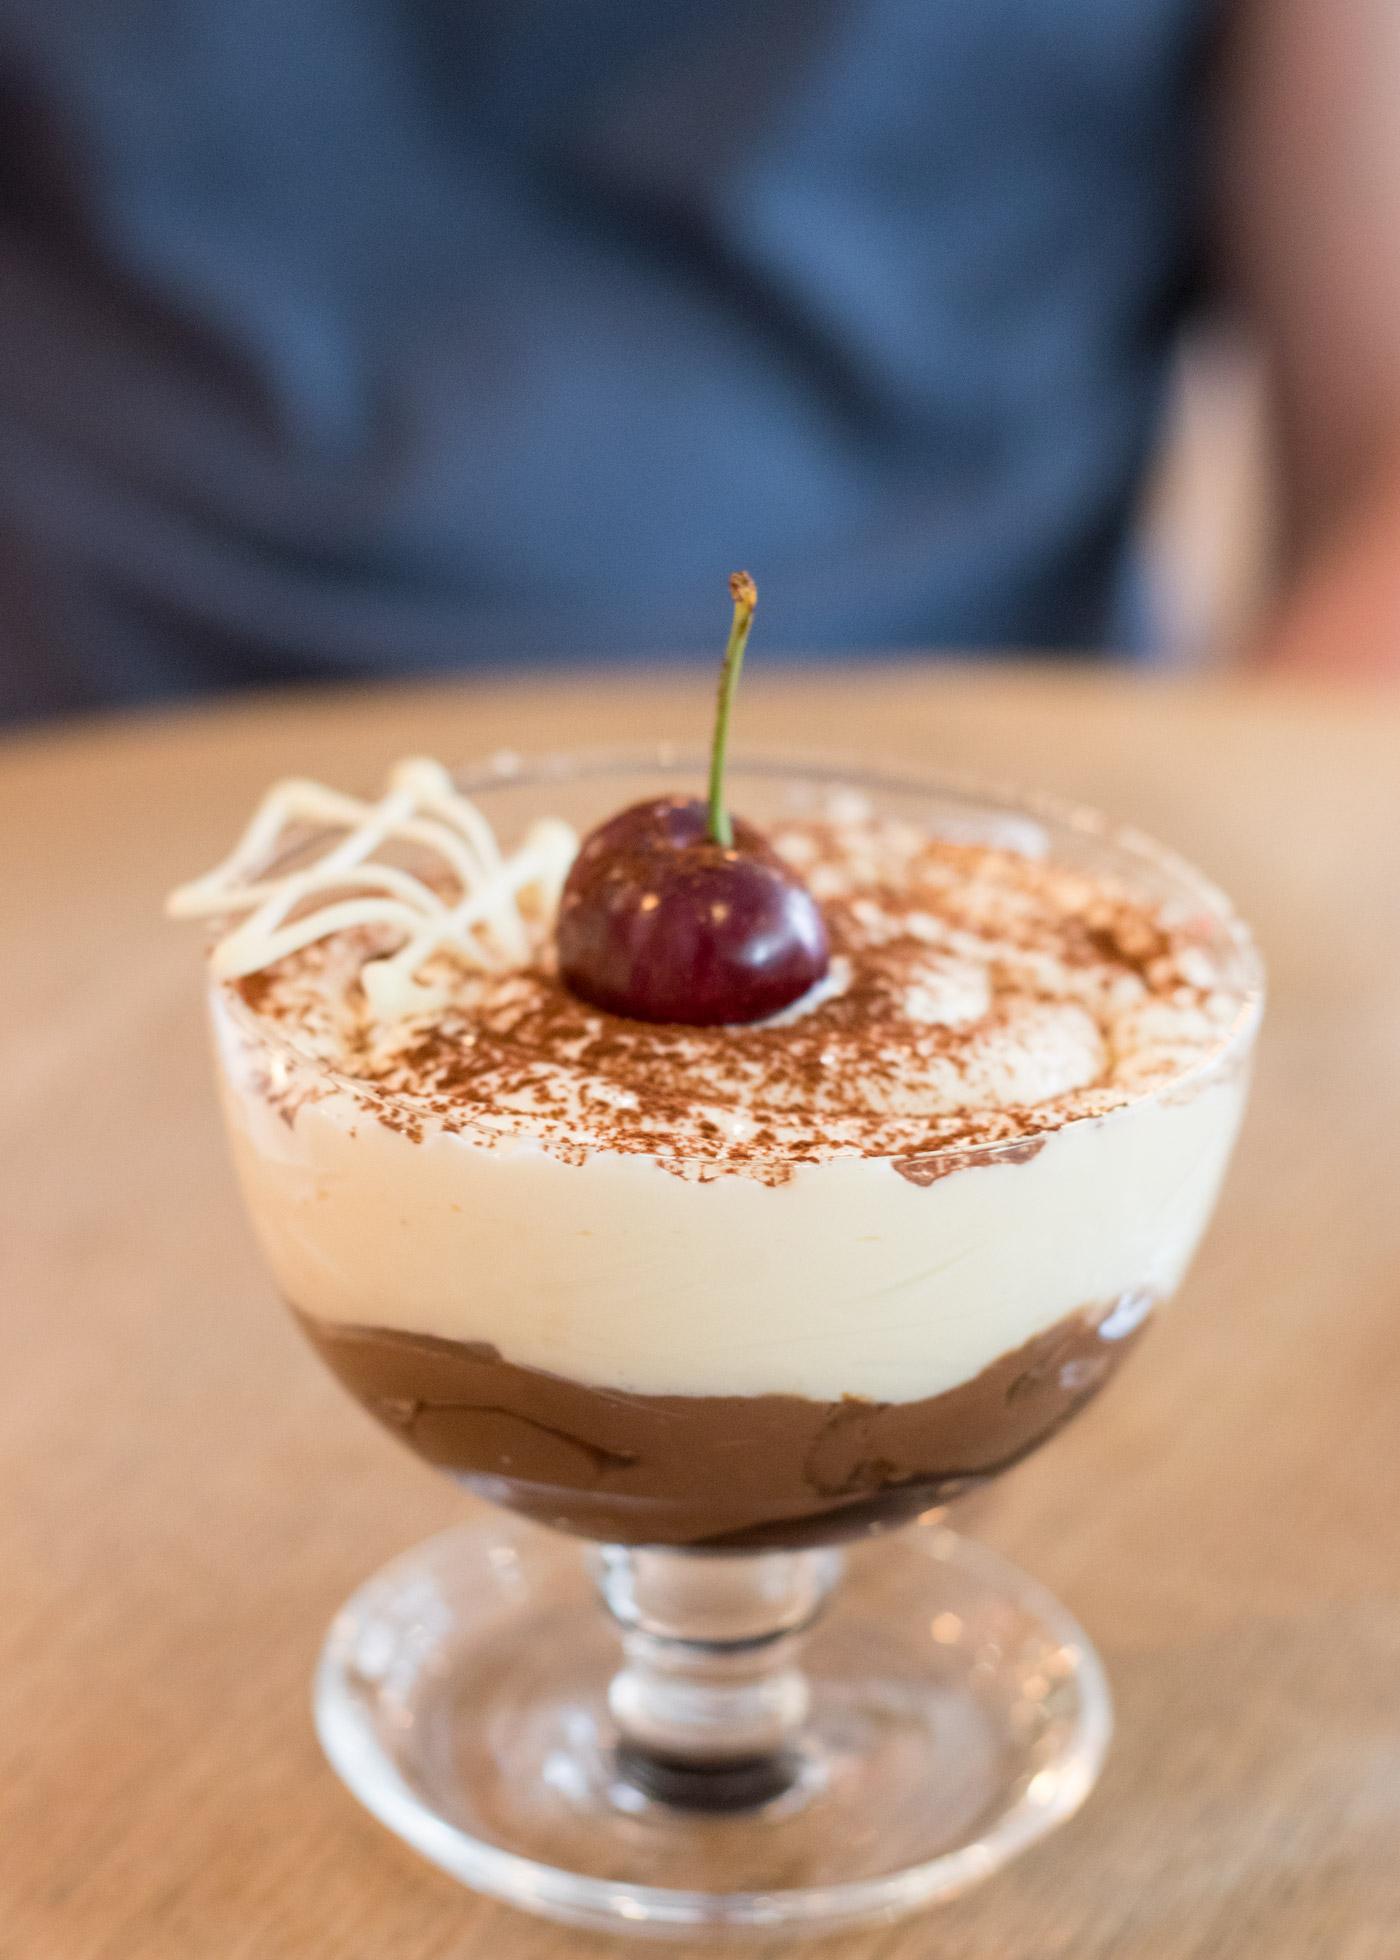 White-and-Dark-Chocolate-and-Cherry-Trifle---Blanchflower